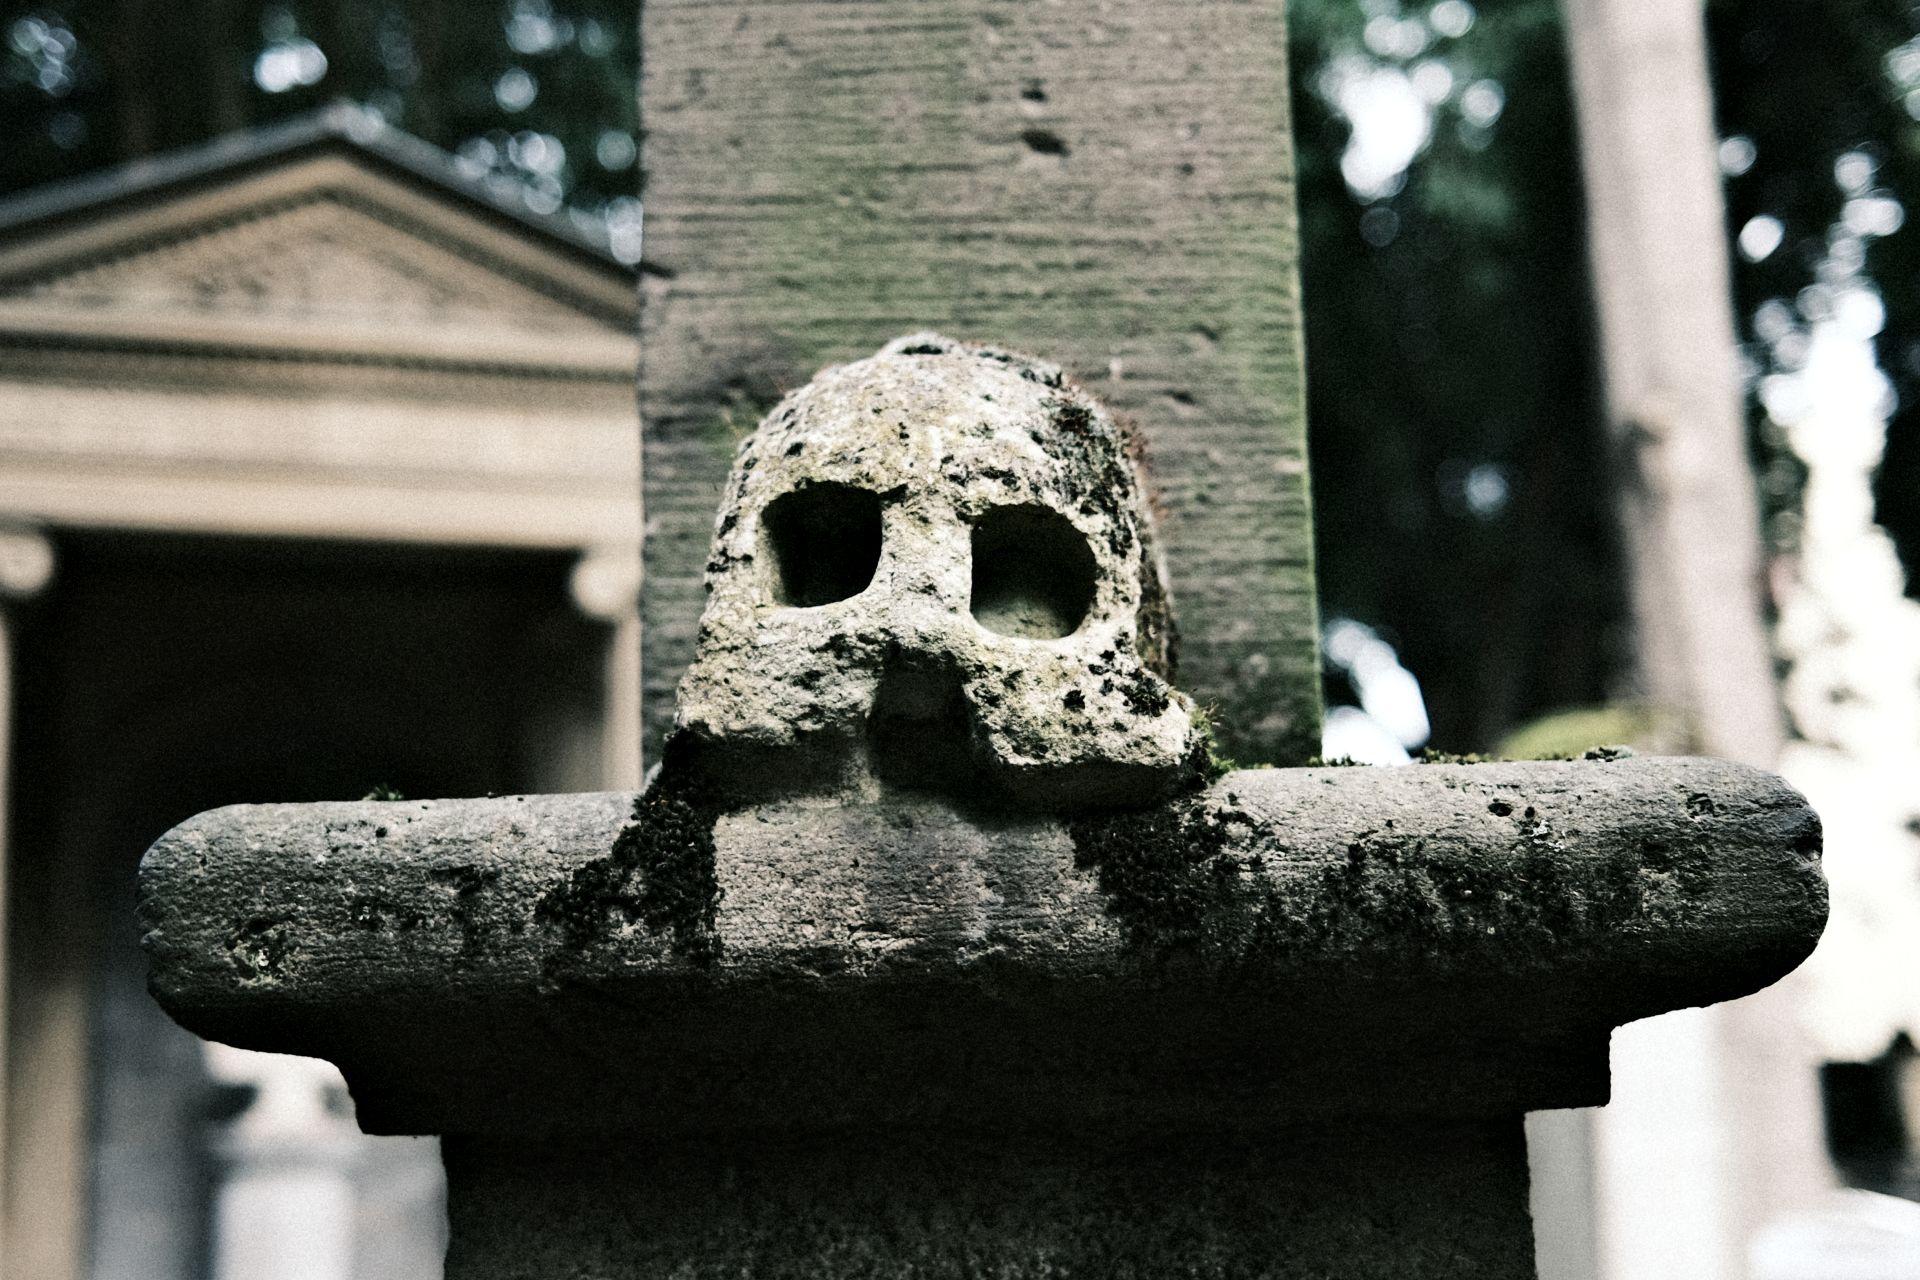 Alter Friedhof f/2 1/220sec ISO-160 23mm